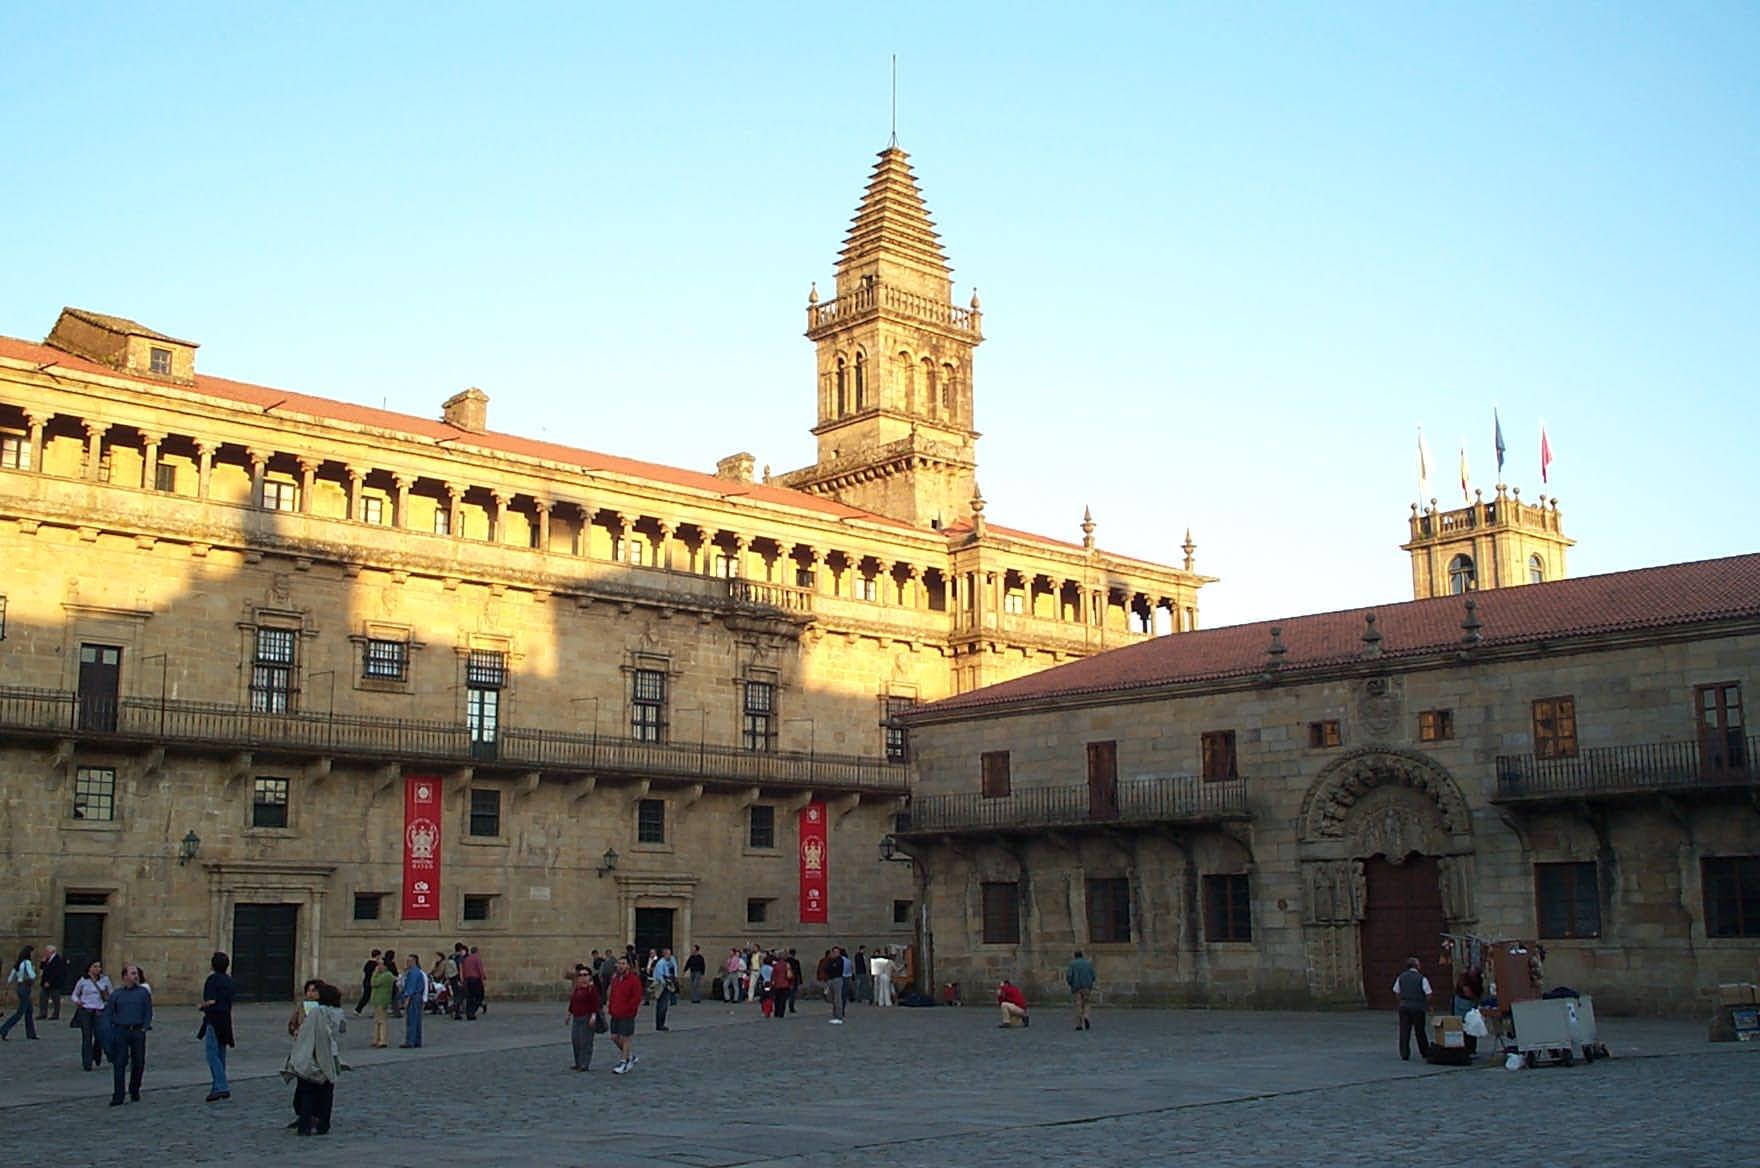 Ficheiro:Praza do Obradoiro en Santiago de Compostela.jpg - Wikipedia, a enci...